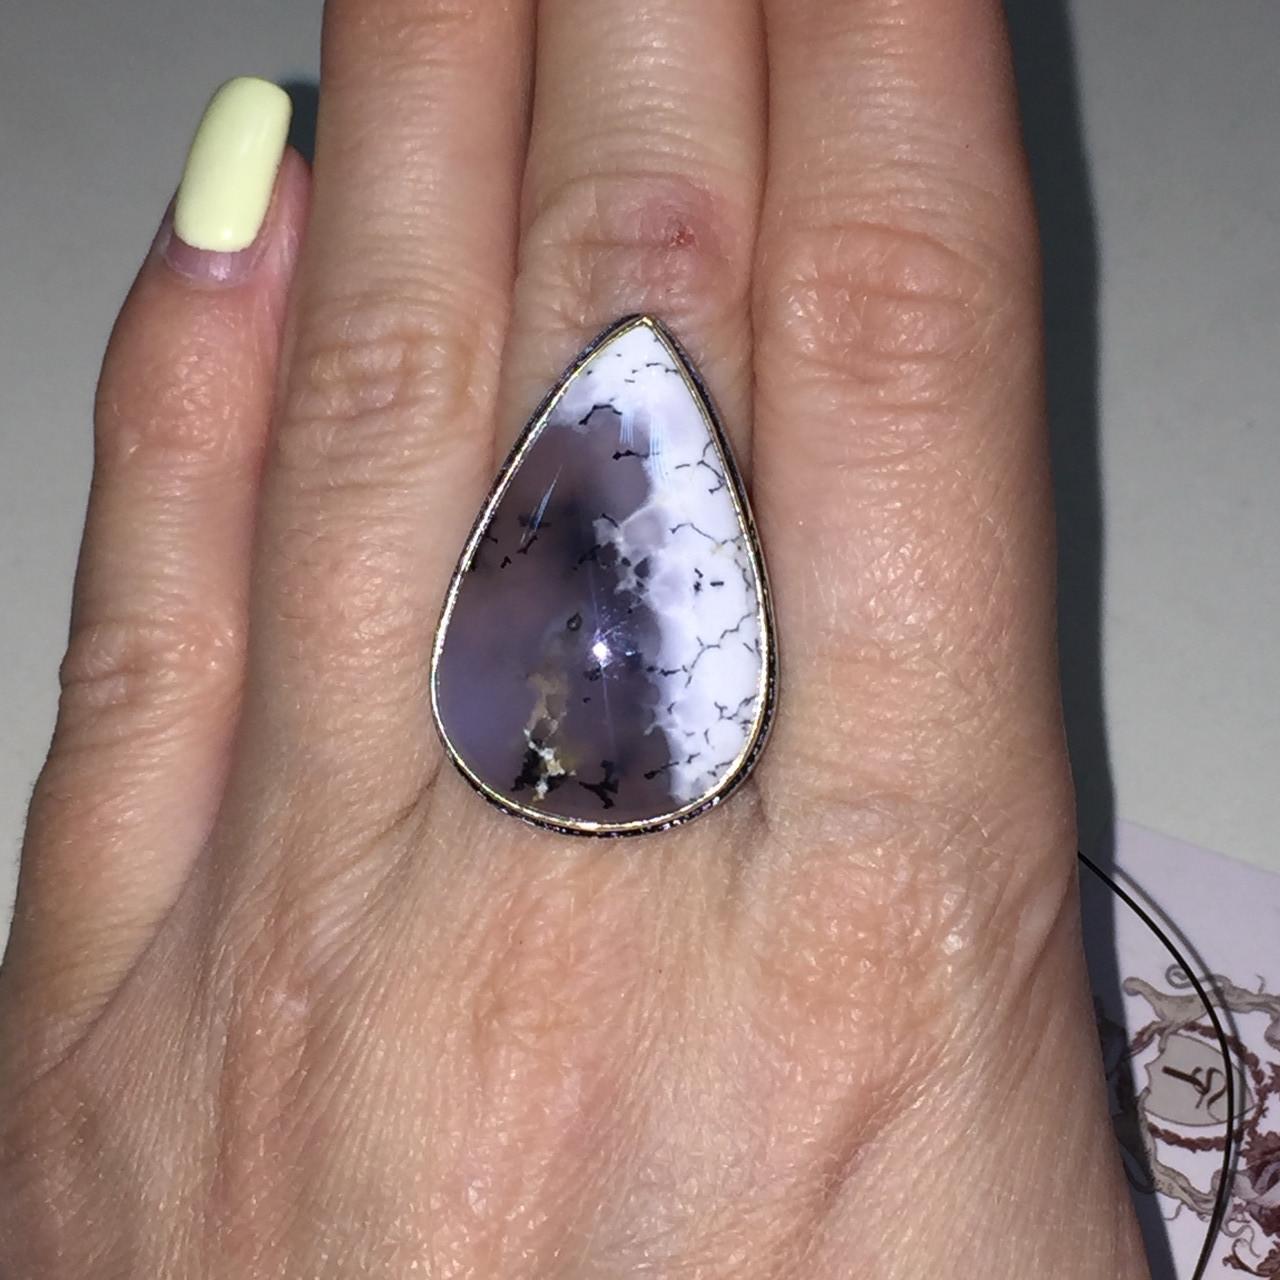 Дендро-агат кольцо капля дендритовый опал размер 18 кольцо с дендритовым агатом в серебре Индия